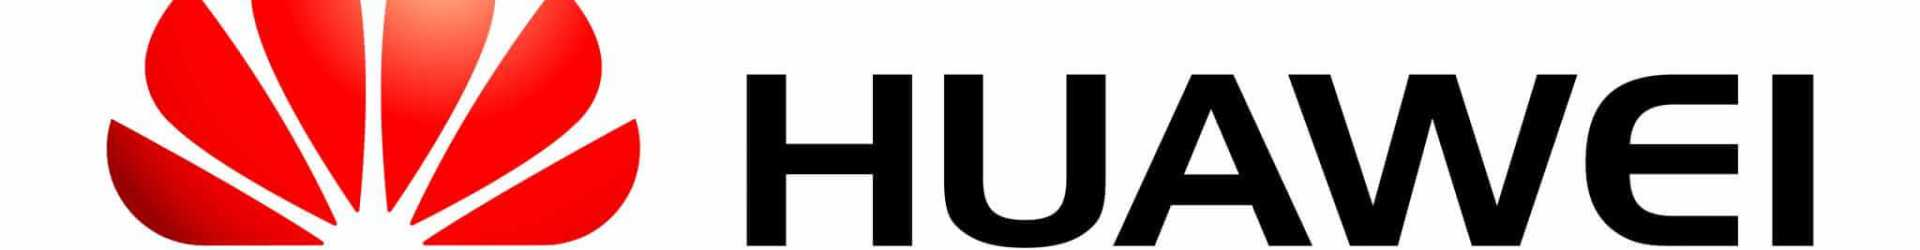 Huawei vuole creare un nuovo sistema operativo da utilizzare sui suoi dispositivi